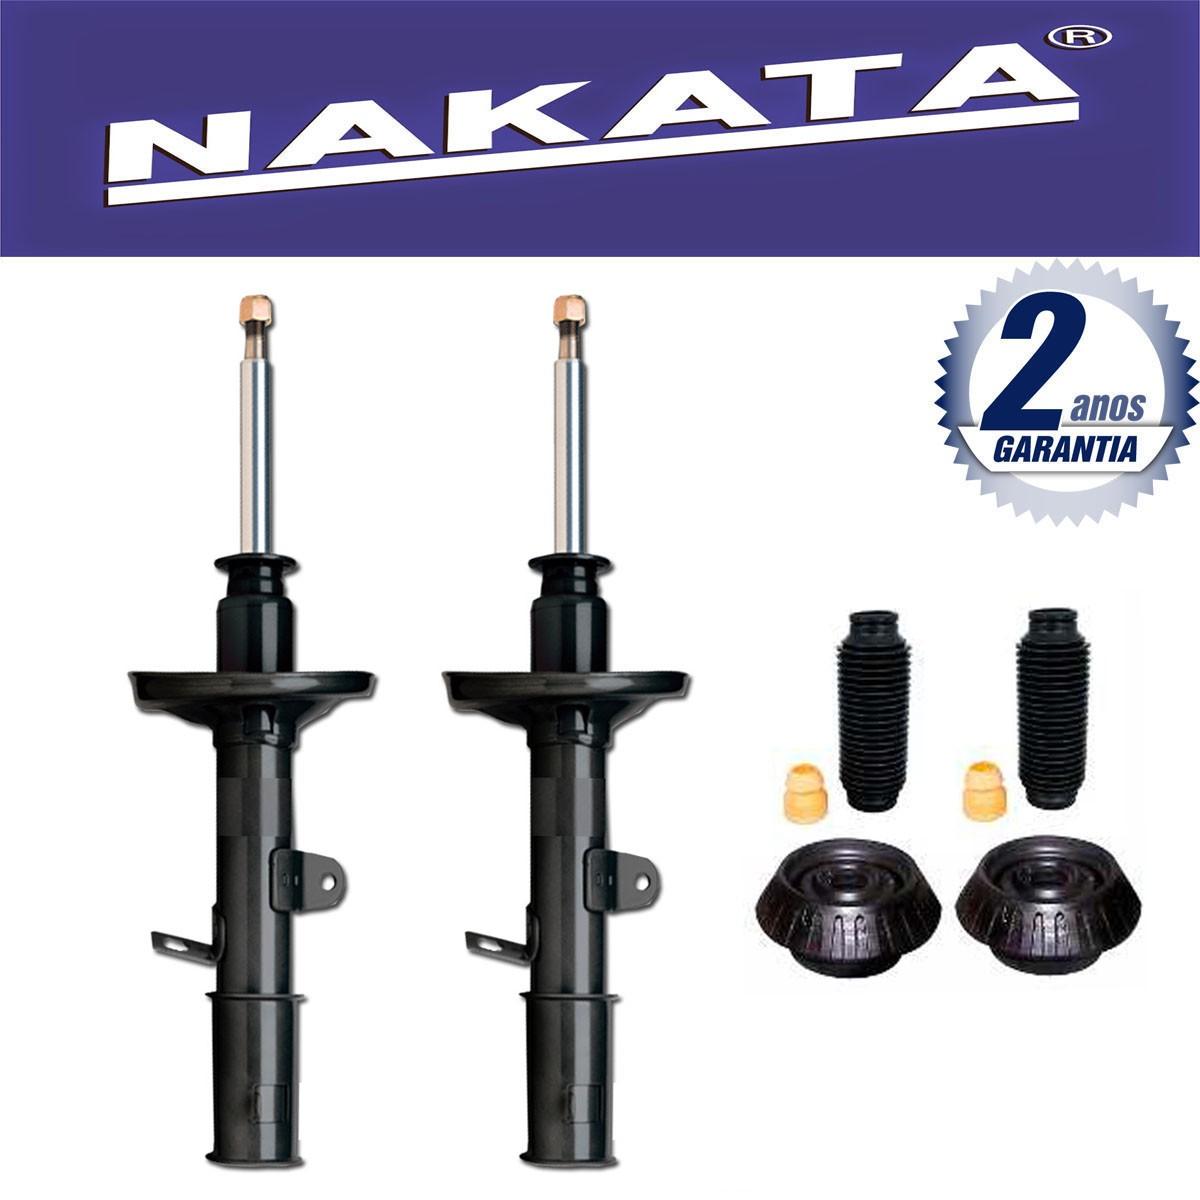 Par de Amortecedores Dianteiro Nakata Hyundai HB20 Hb20s 2012 Até 2015 + Kit da Suspensão